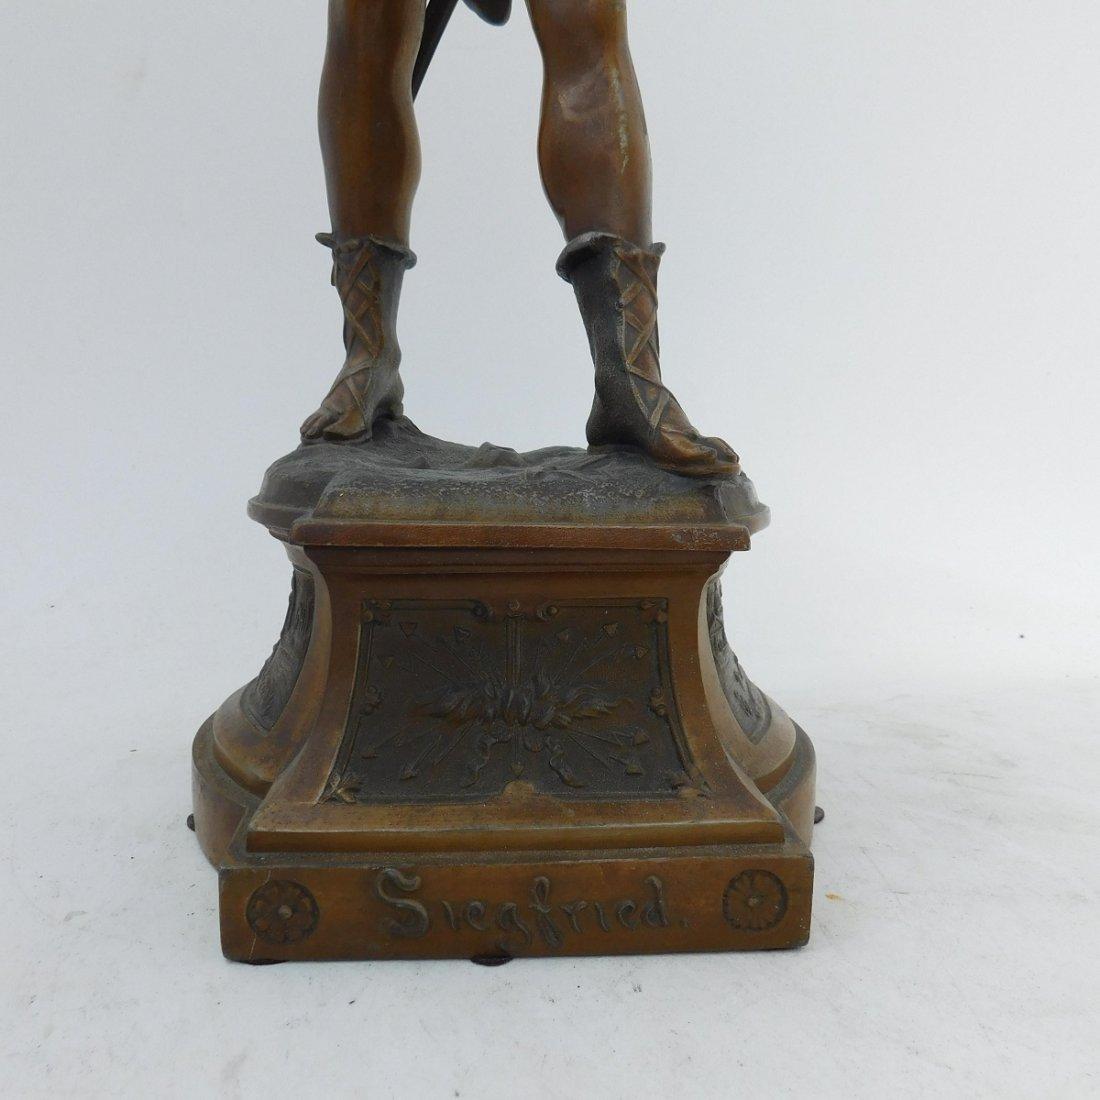 Patinated Metal Sculpture of a Man - 3